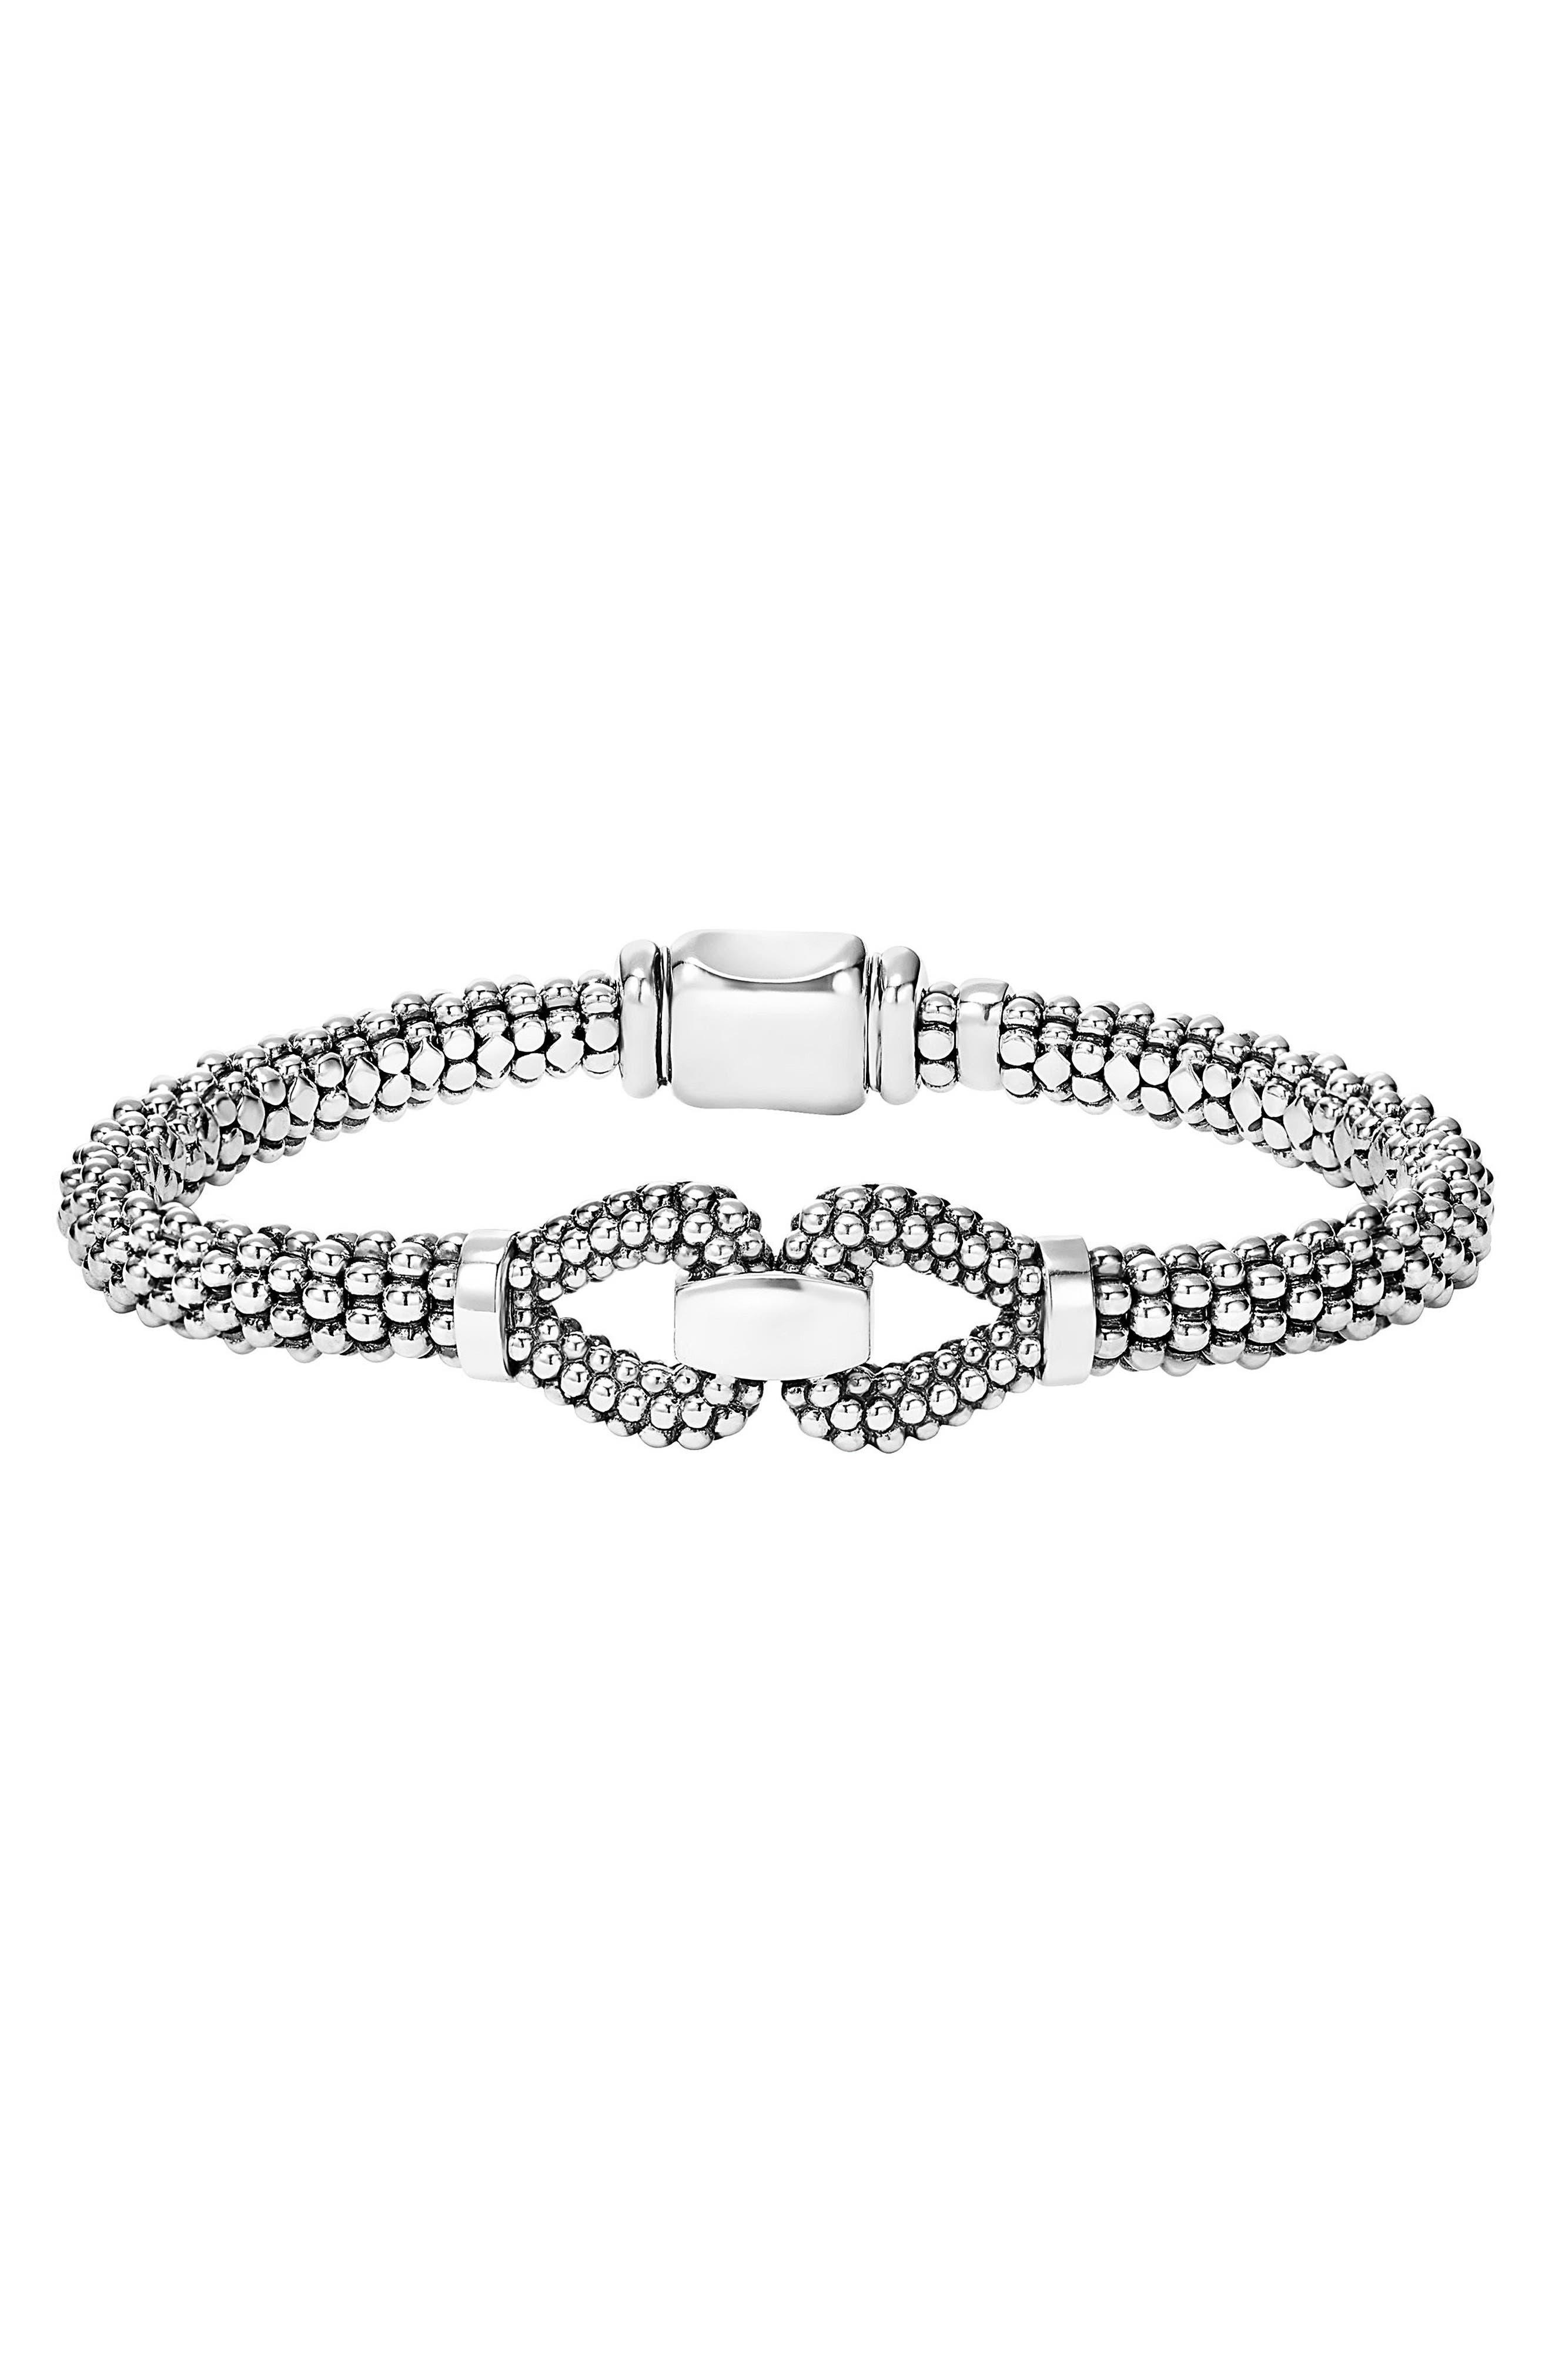 Derby Caviar Bracelet,                             Main thumbnail 1, color,                             Silver